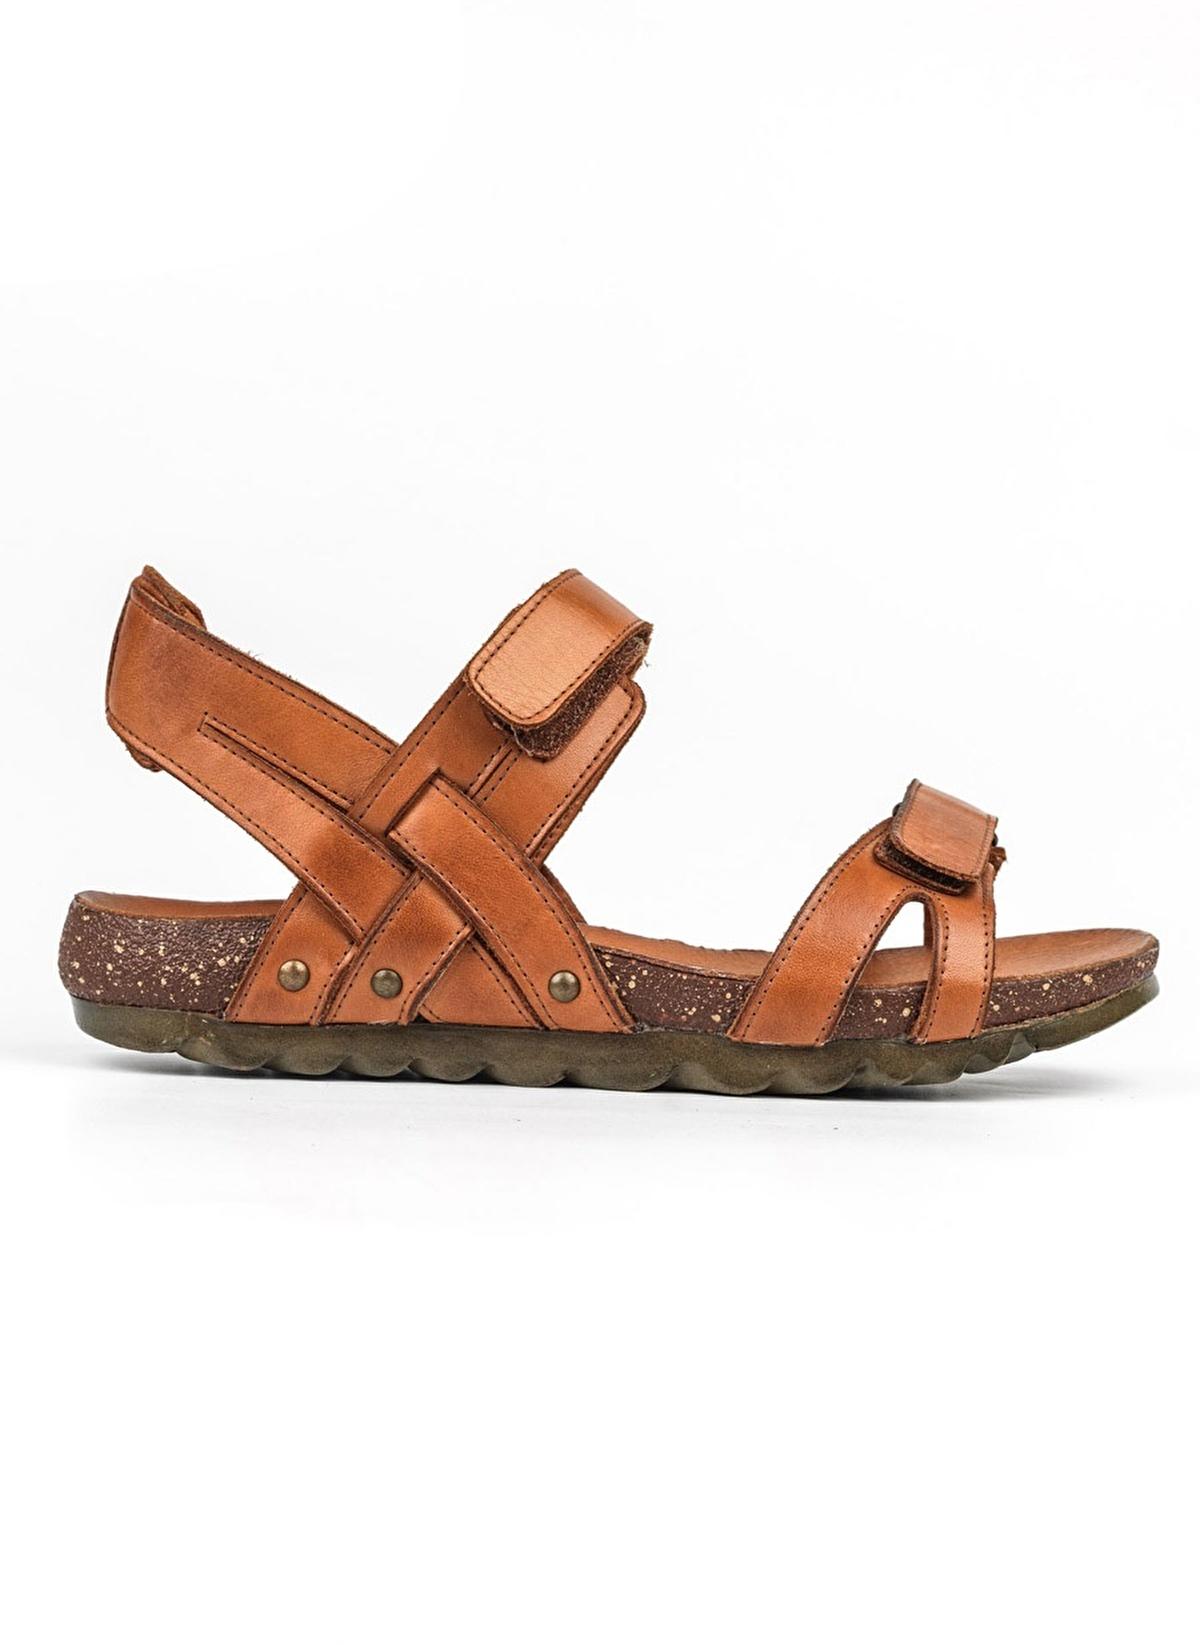 0097a8dffc815 Riccardo Colli Kadın Hakiki Deri Sandalet 17-Taba | Morhipo | 18957404